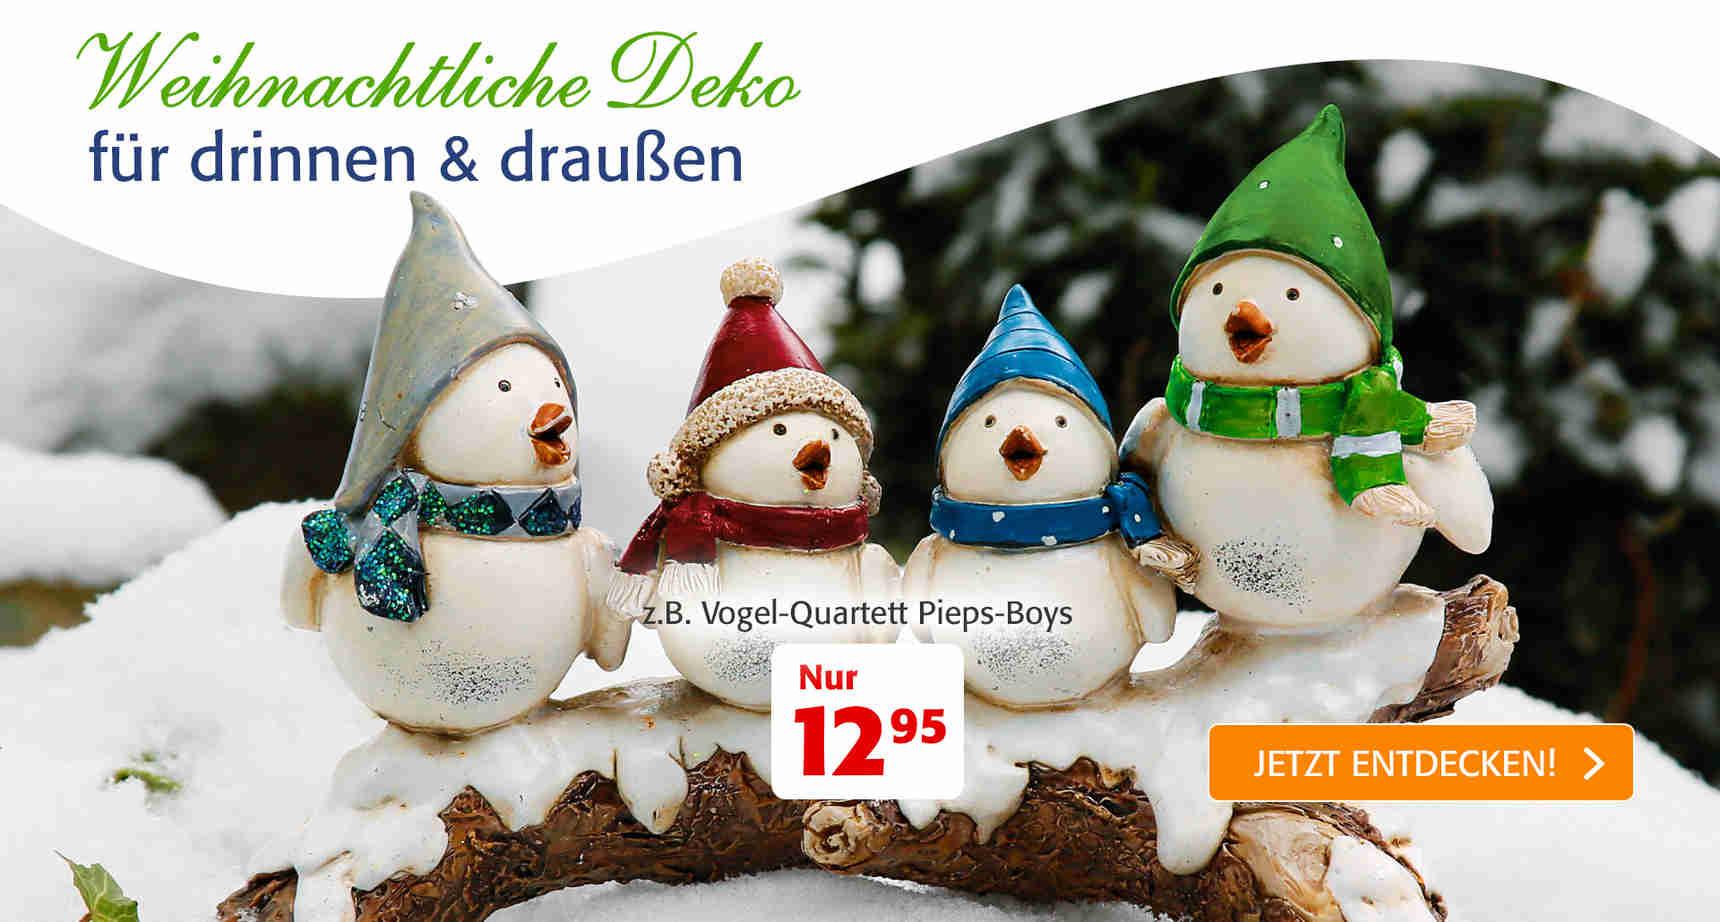 +++ (1) Weihnachtliche Deko +++ - 1